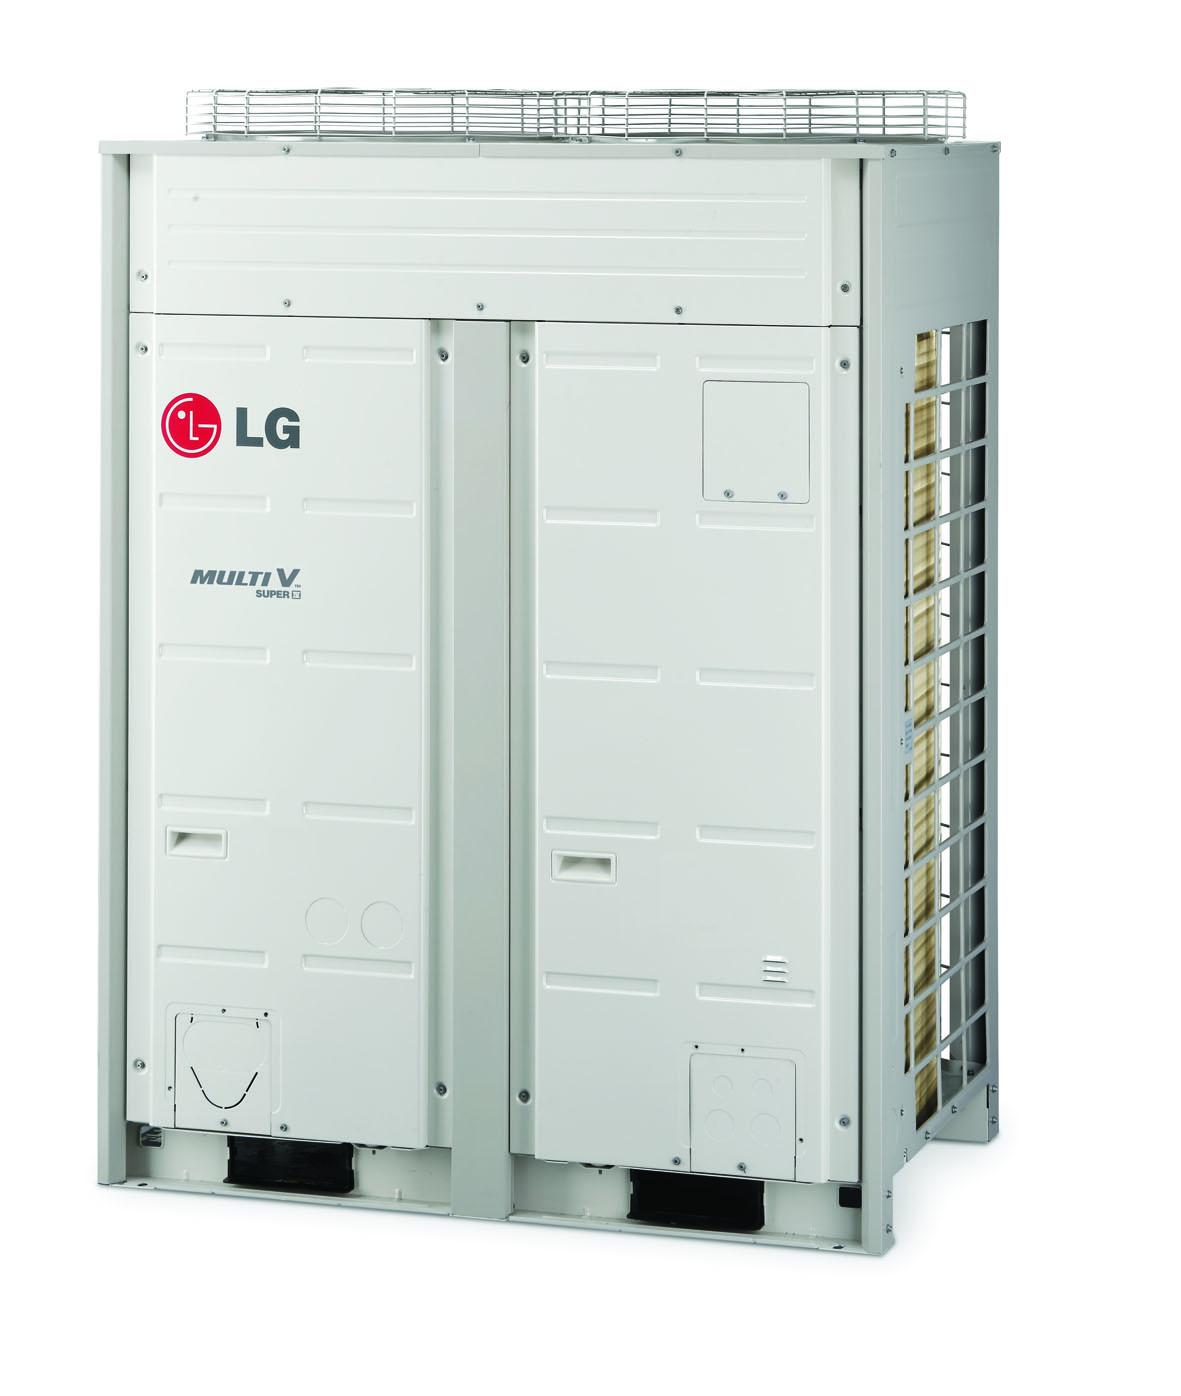 LG Multi